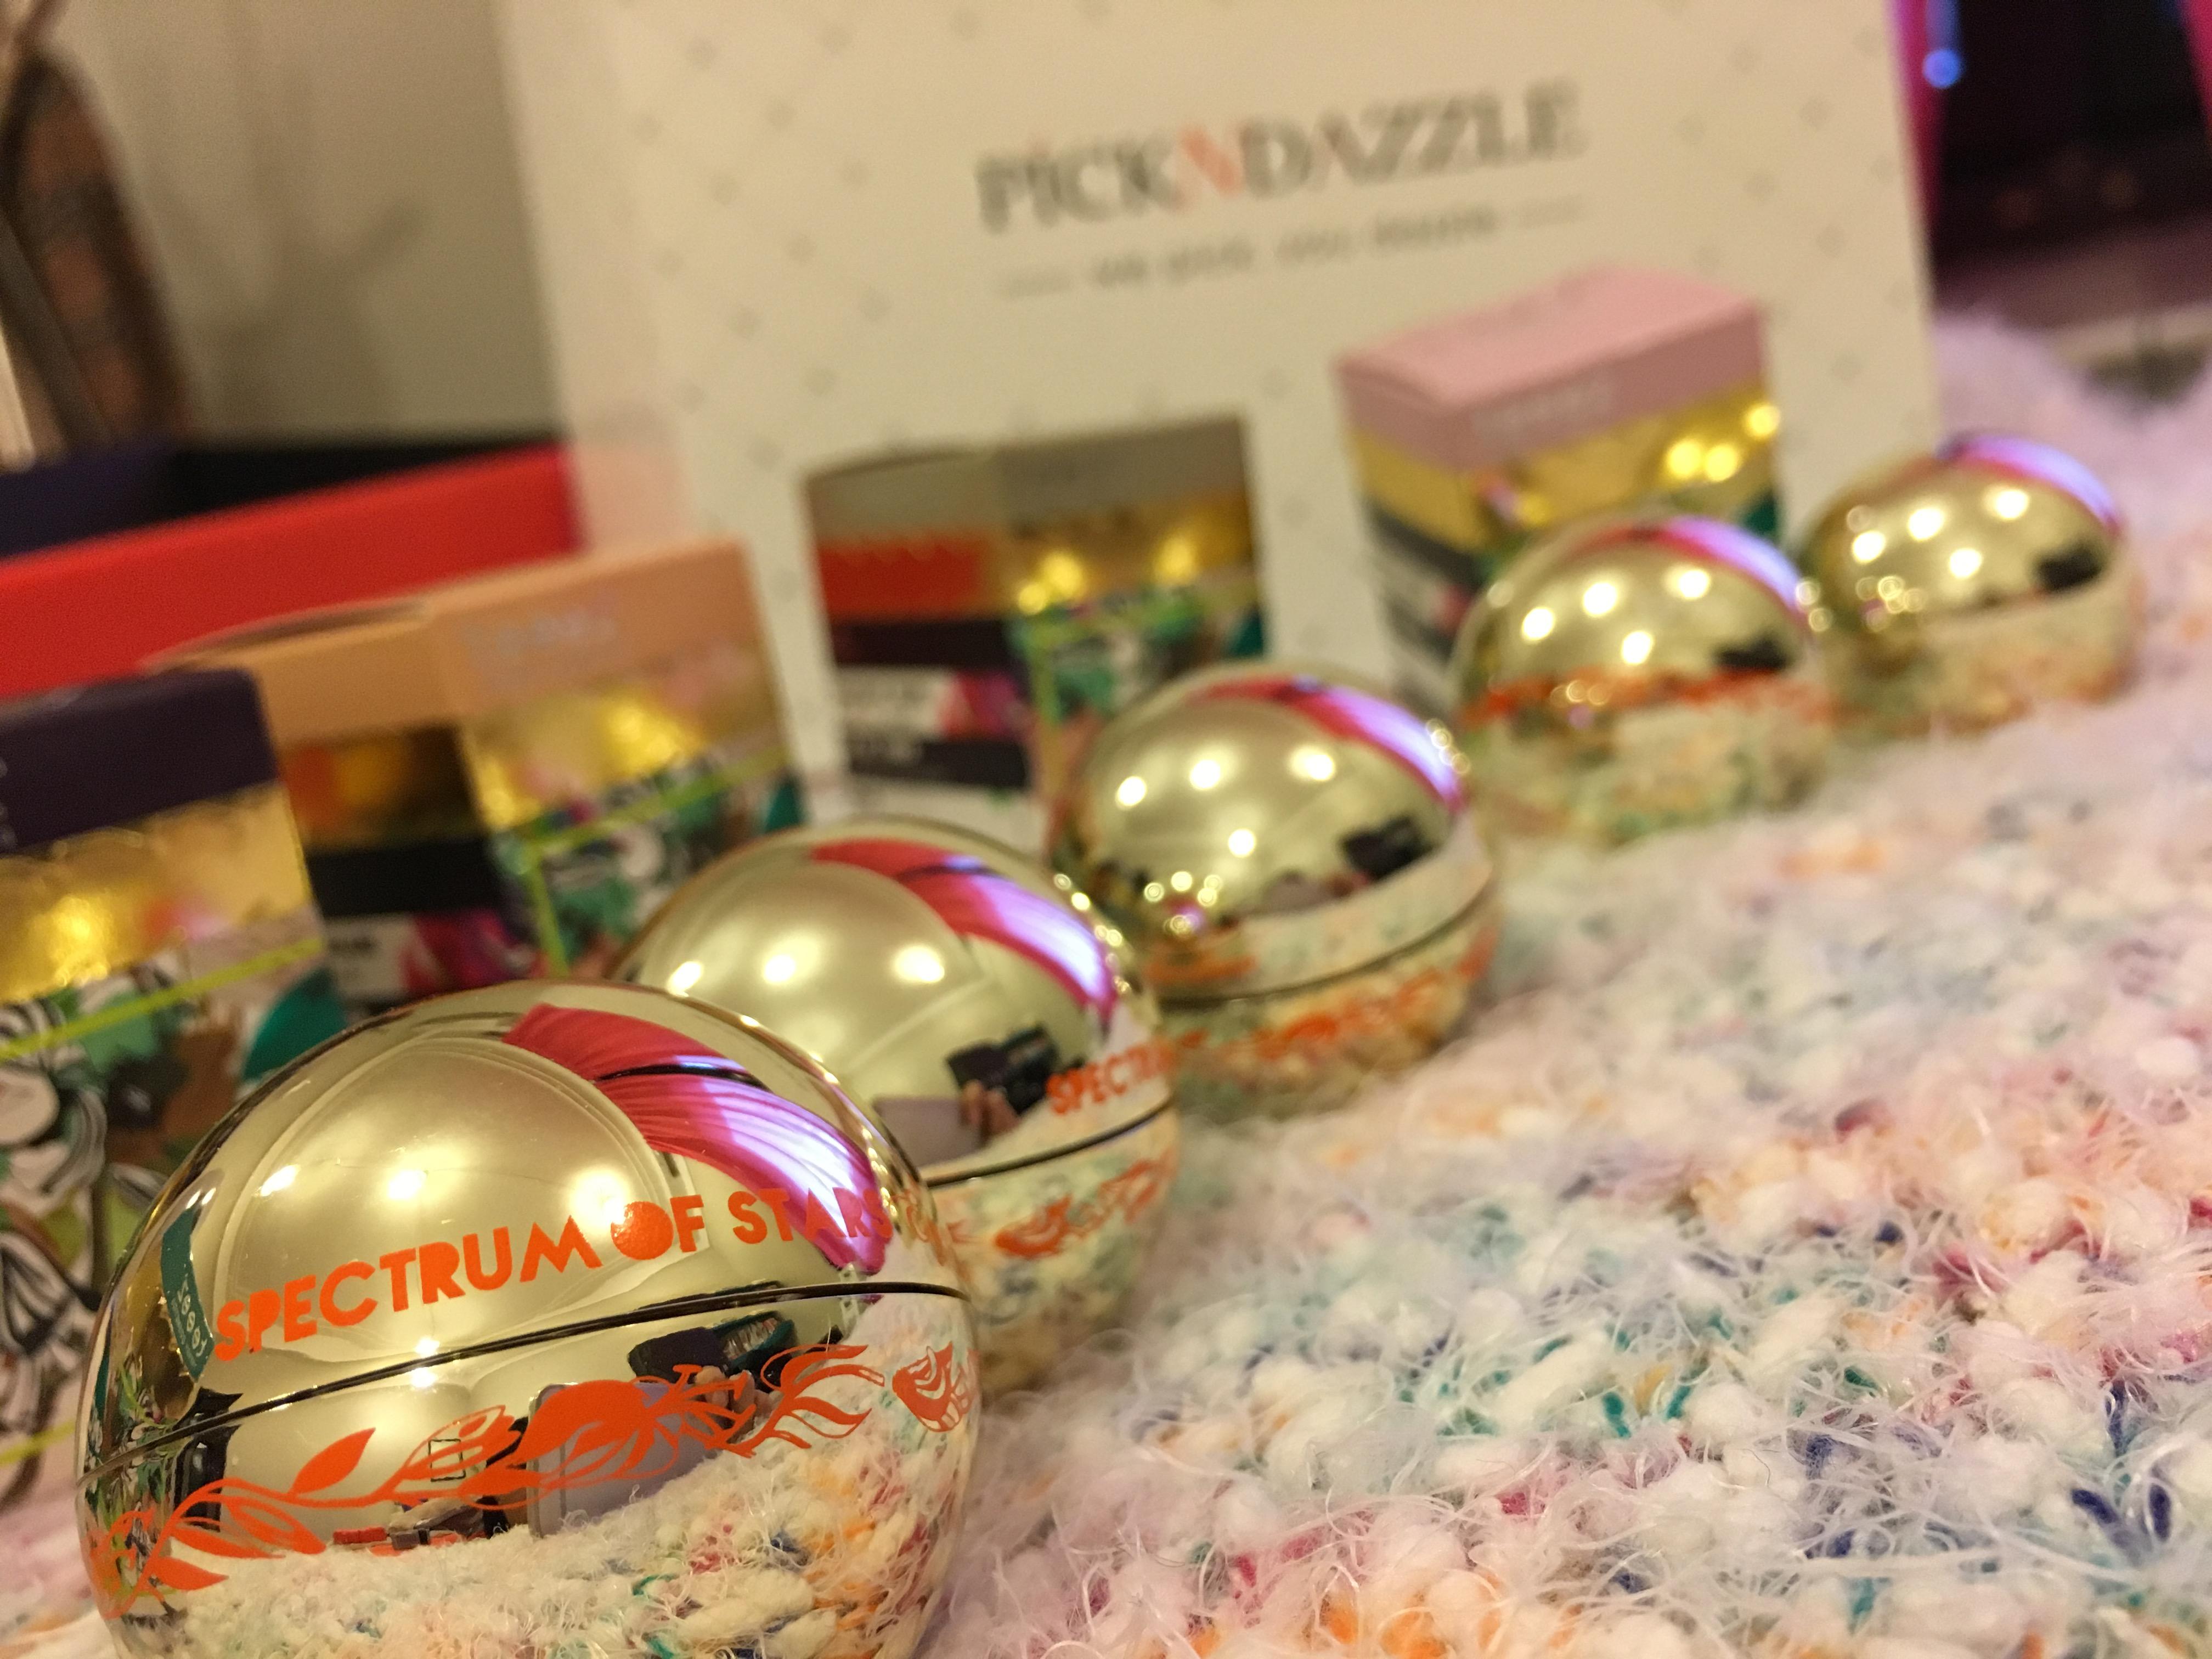 spectrum of stars teeez cosmetics pick'n'dazzle